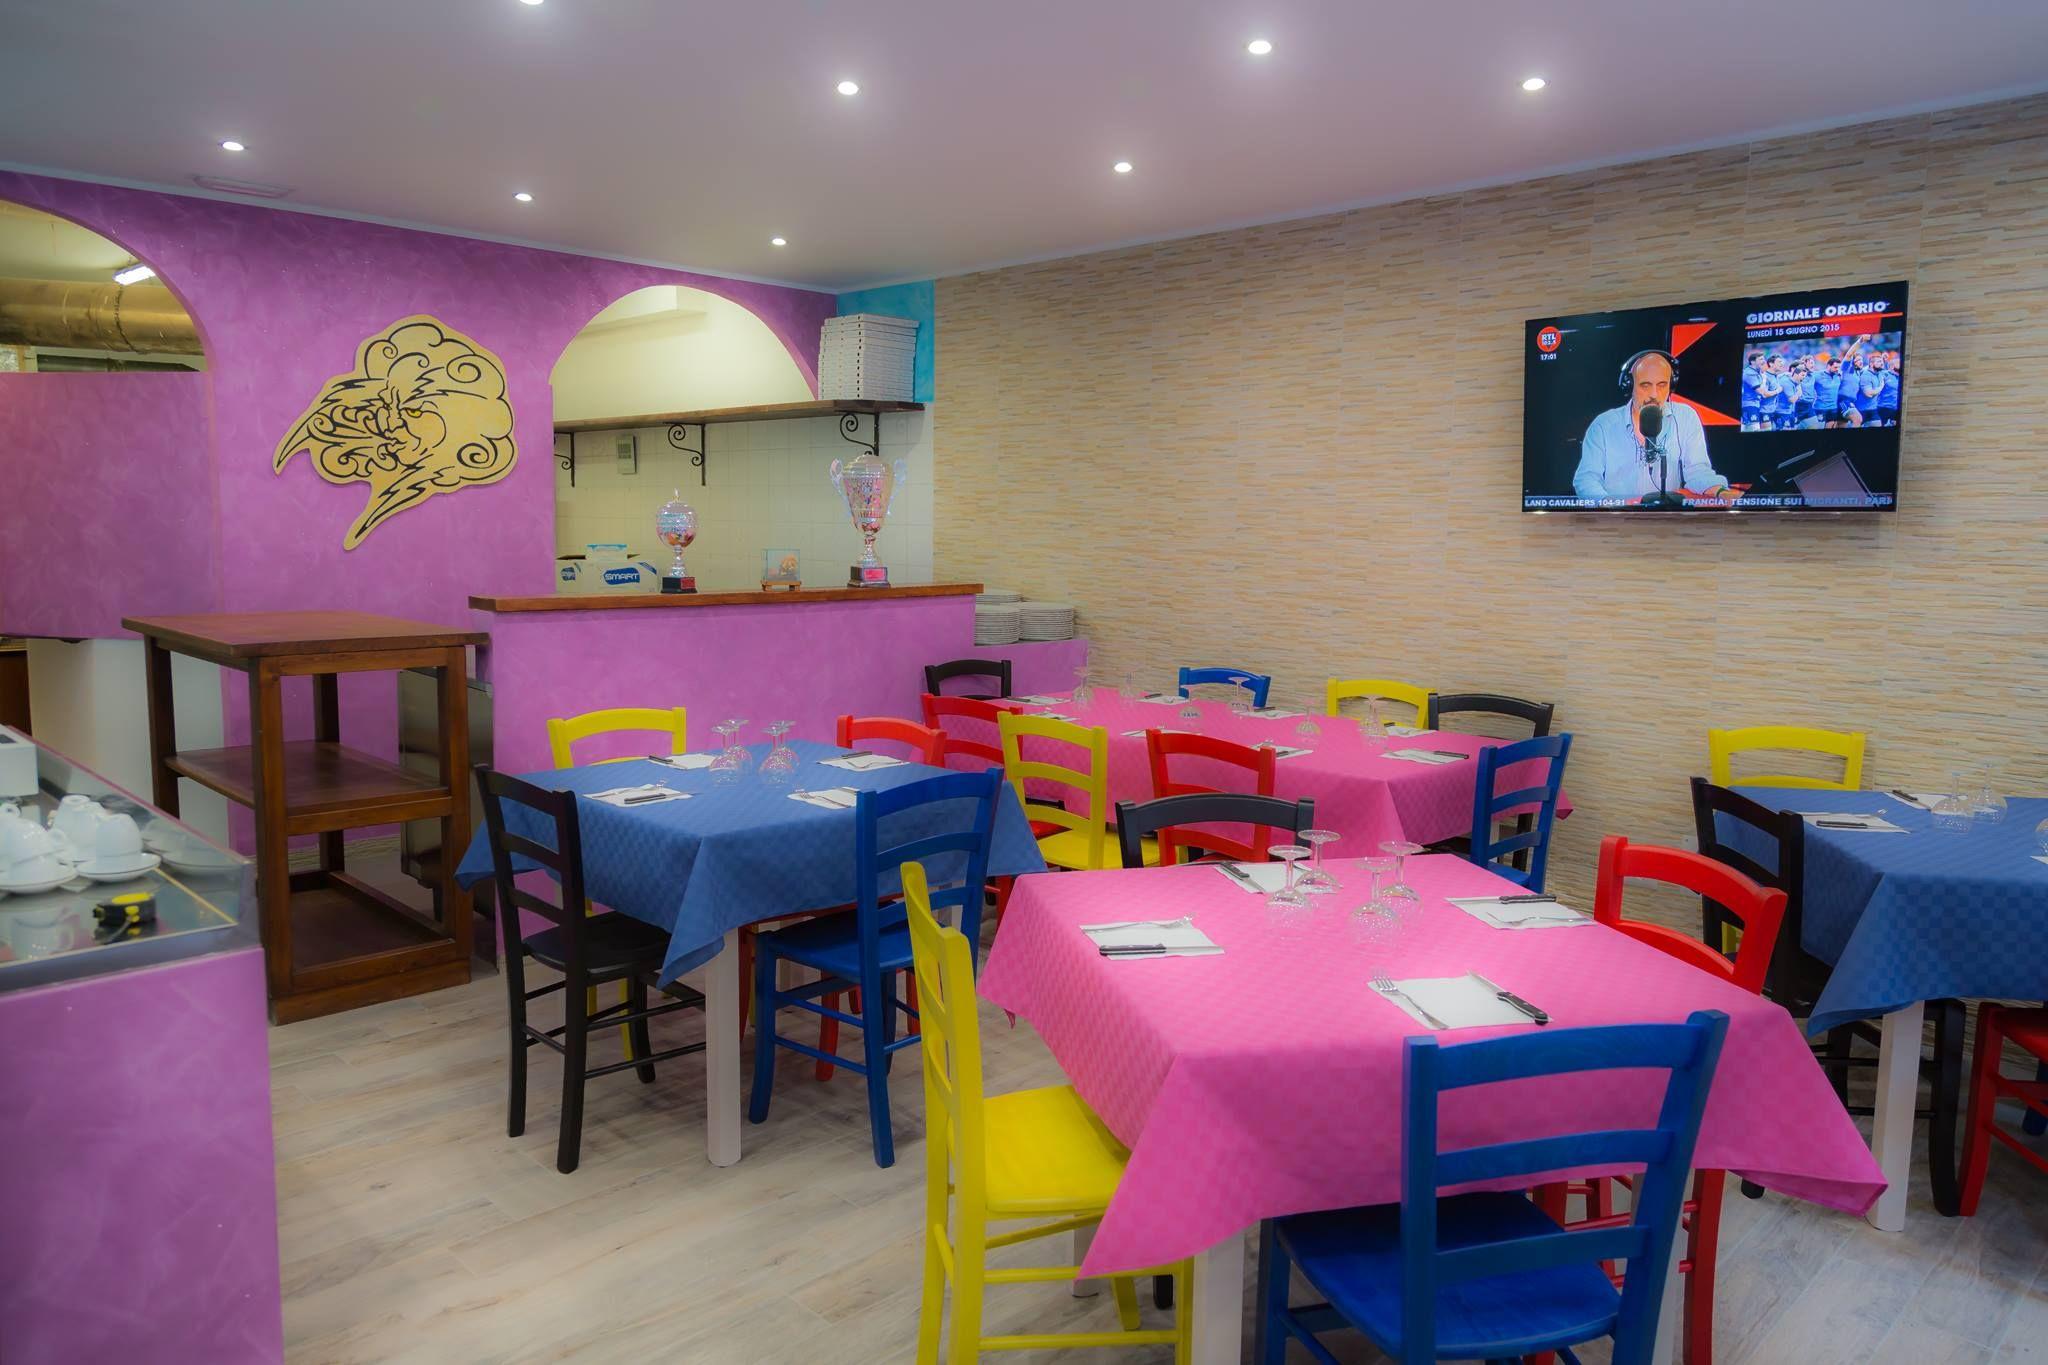 Fabbrica Sedie E Tavoli.Fabbrica Sedie Tavoli Per Ristorante Pub Pizzeria Arredi